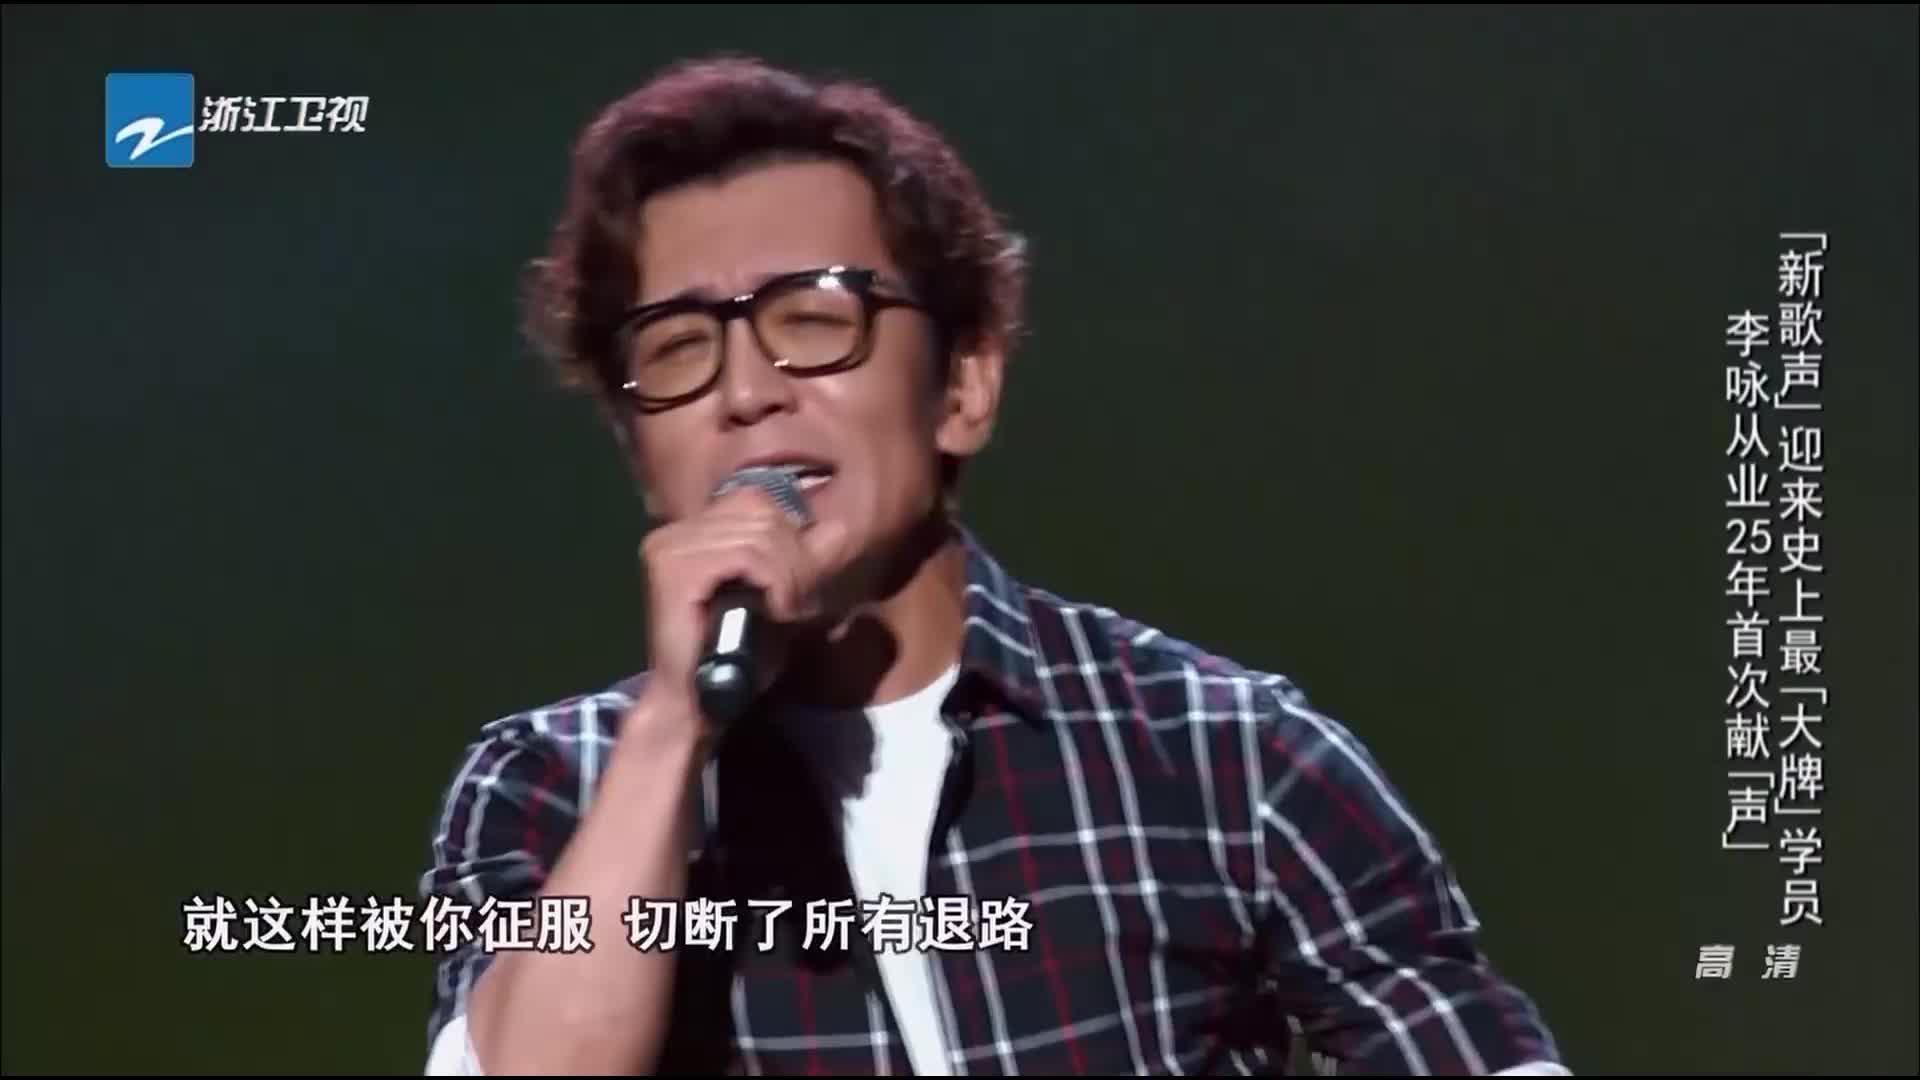 新歌声:这是李咏开嗓的珍贵瞬间,没想到这一次可能就是绝唱!